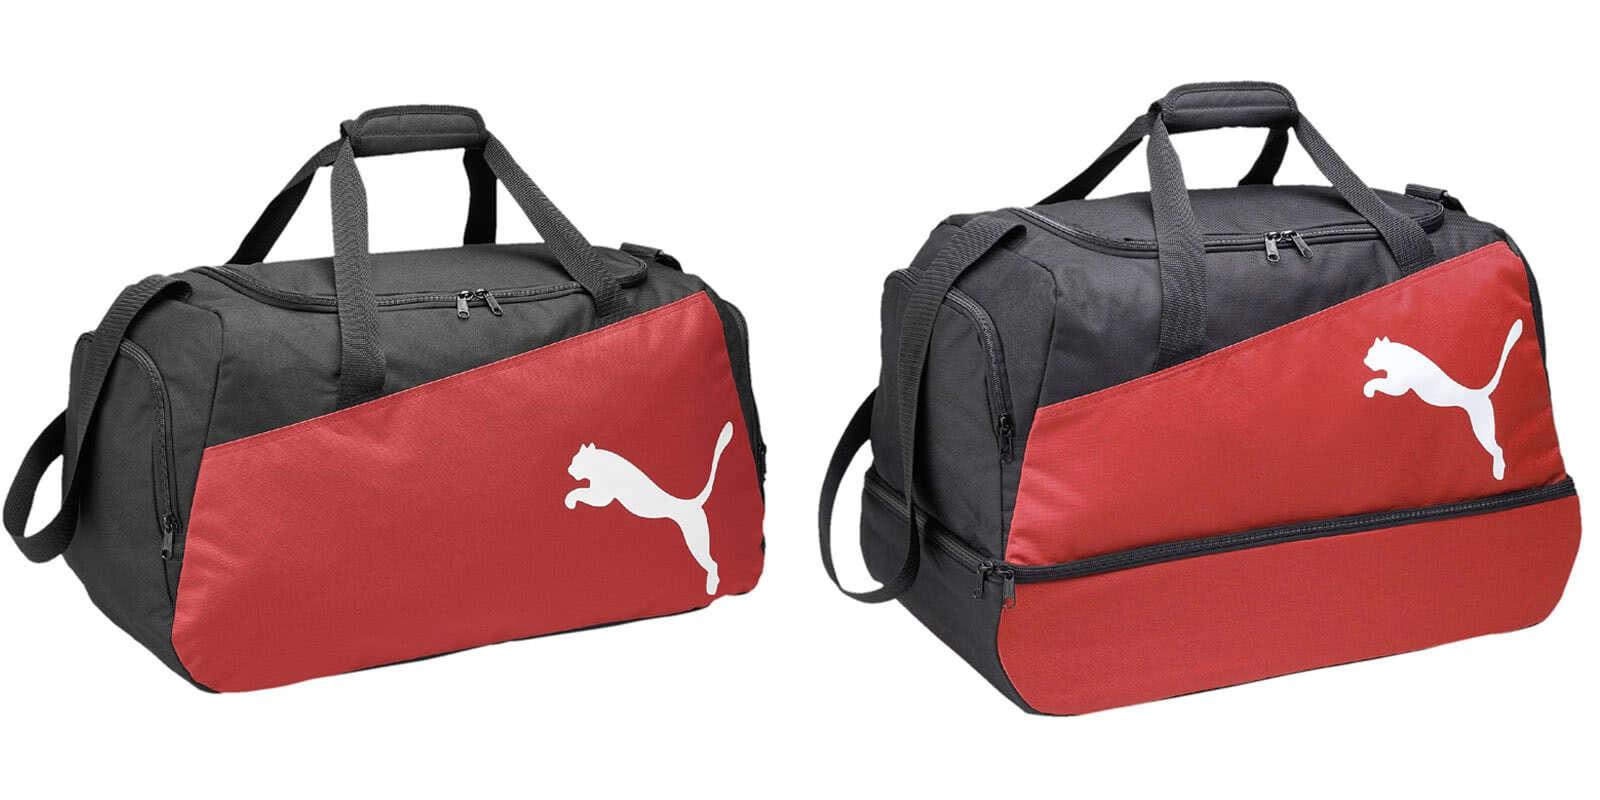 b98df2805e915 Die Puma Pro Sporttaschen mit der Sporttasche mit Bodenfach und der  normalen Sporttasche